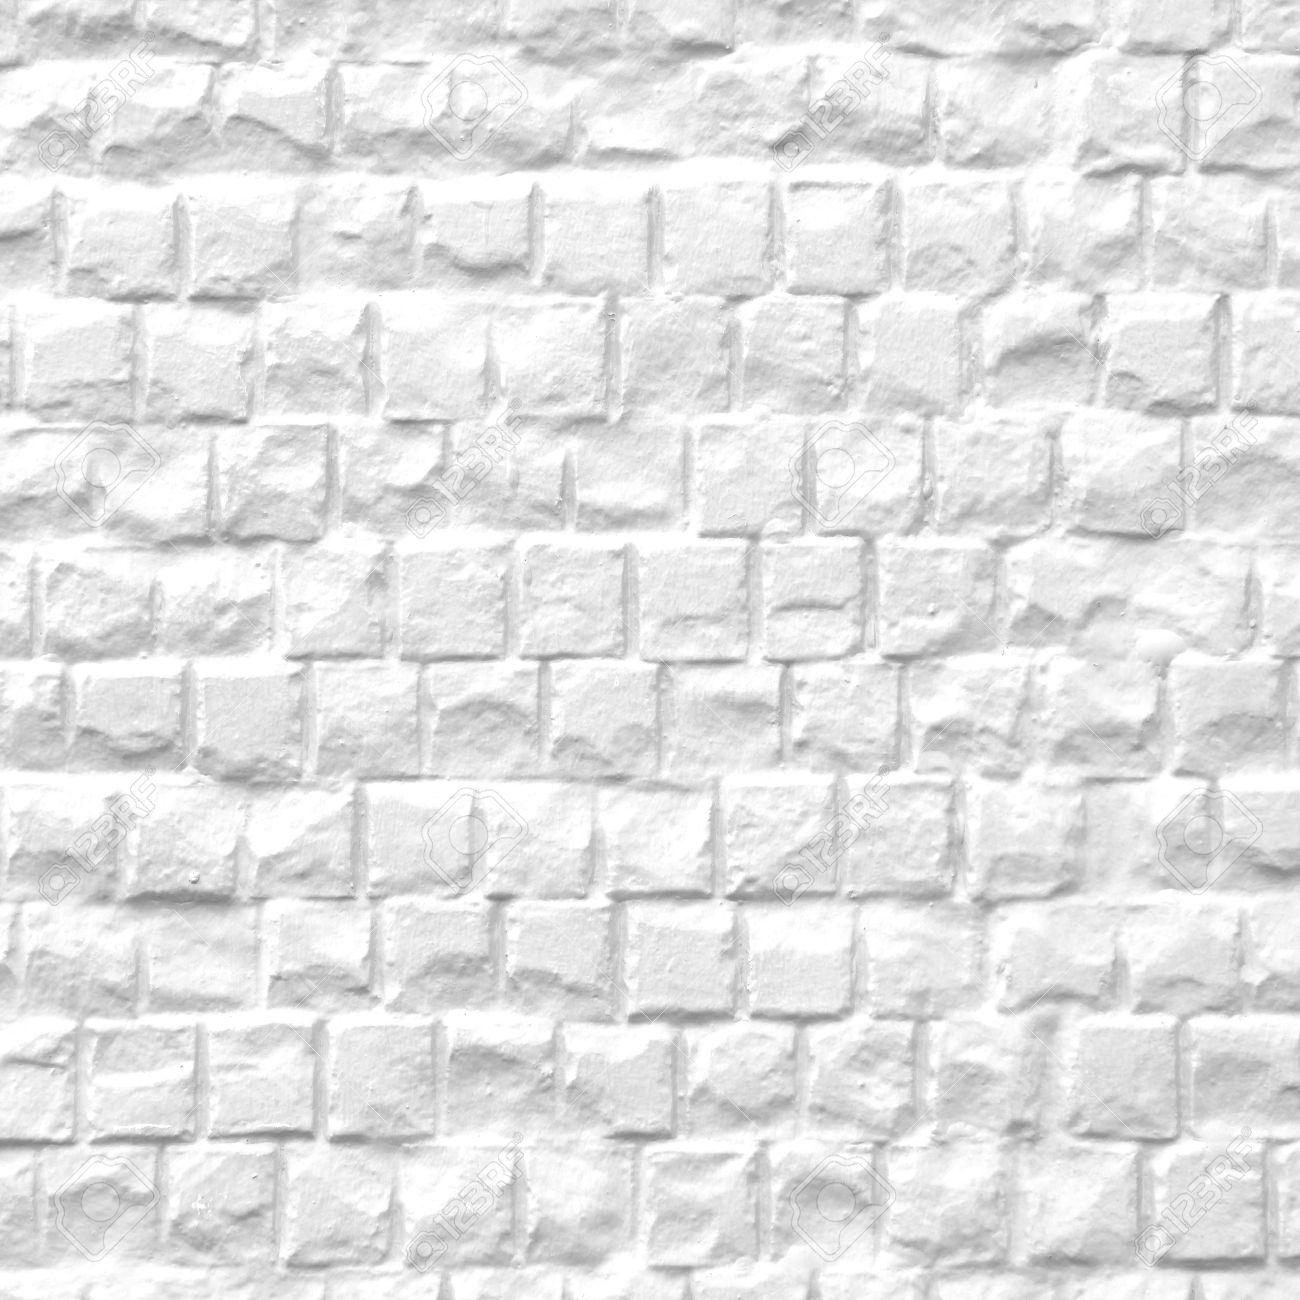 Weiße Steinwand weiße steinwand textur hintergrund lizenzfreie fotos, bilder und